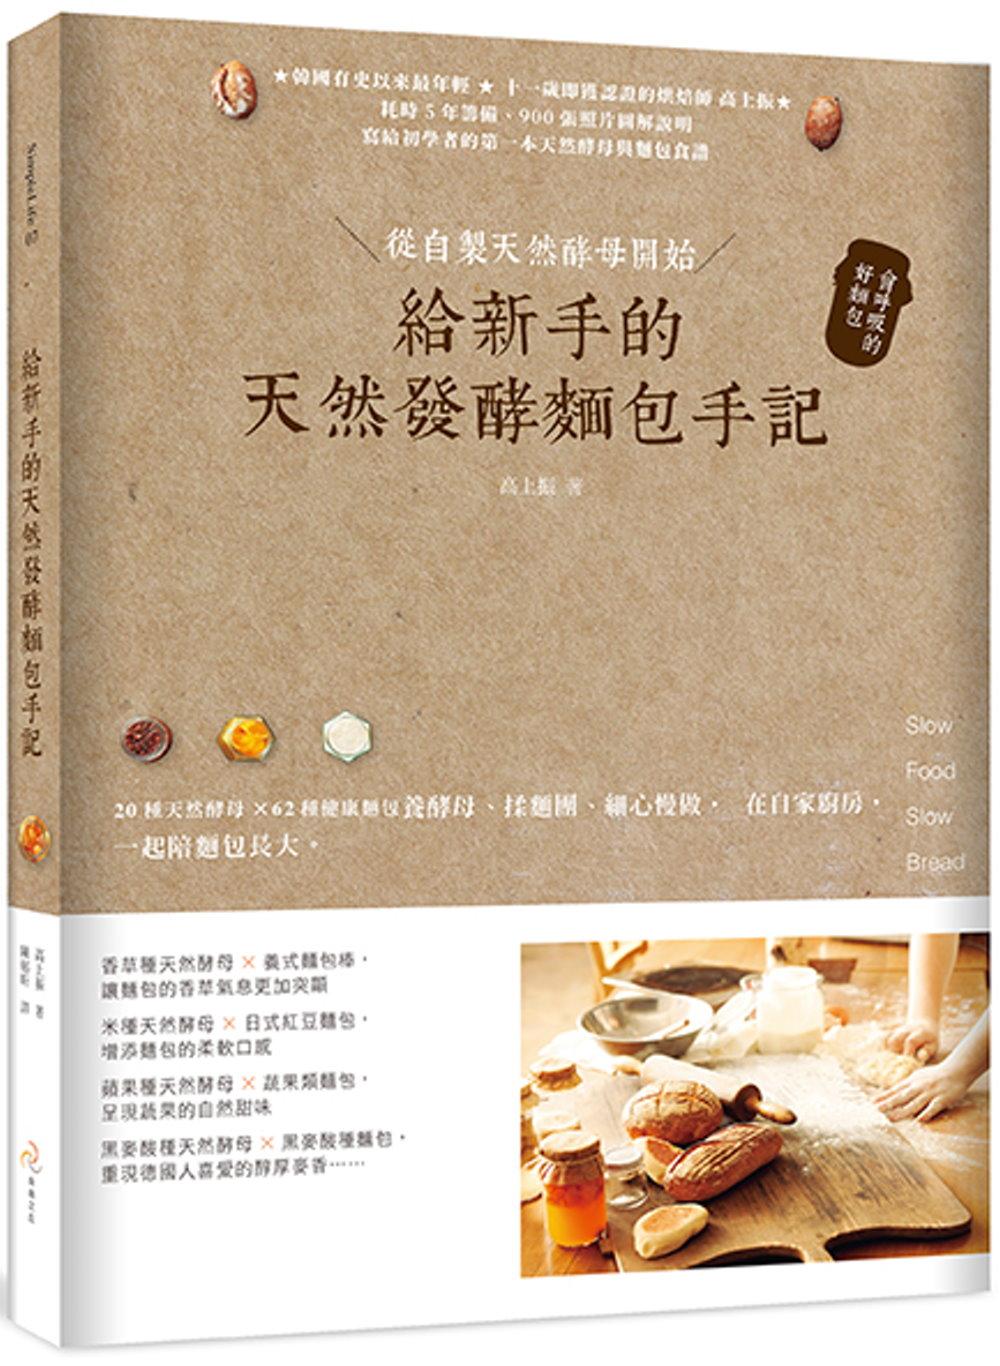 給新手的天然發酵麵包手記:從自製天然酵母開始,會呼吸的好麵包(新封面版)